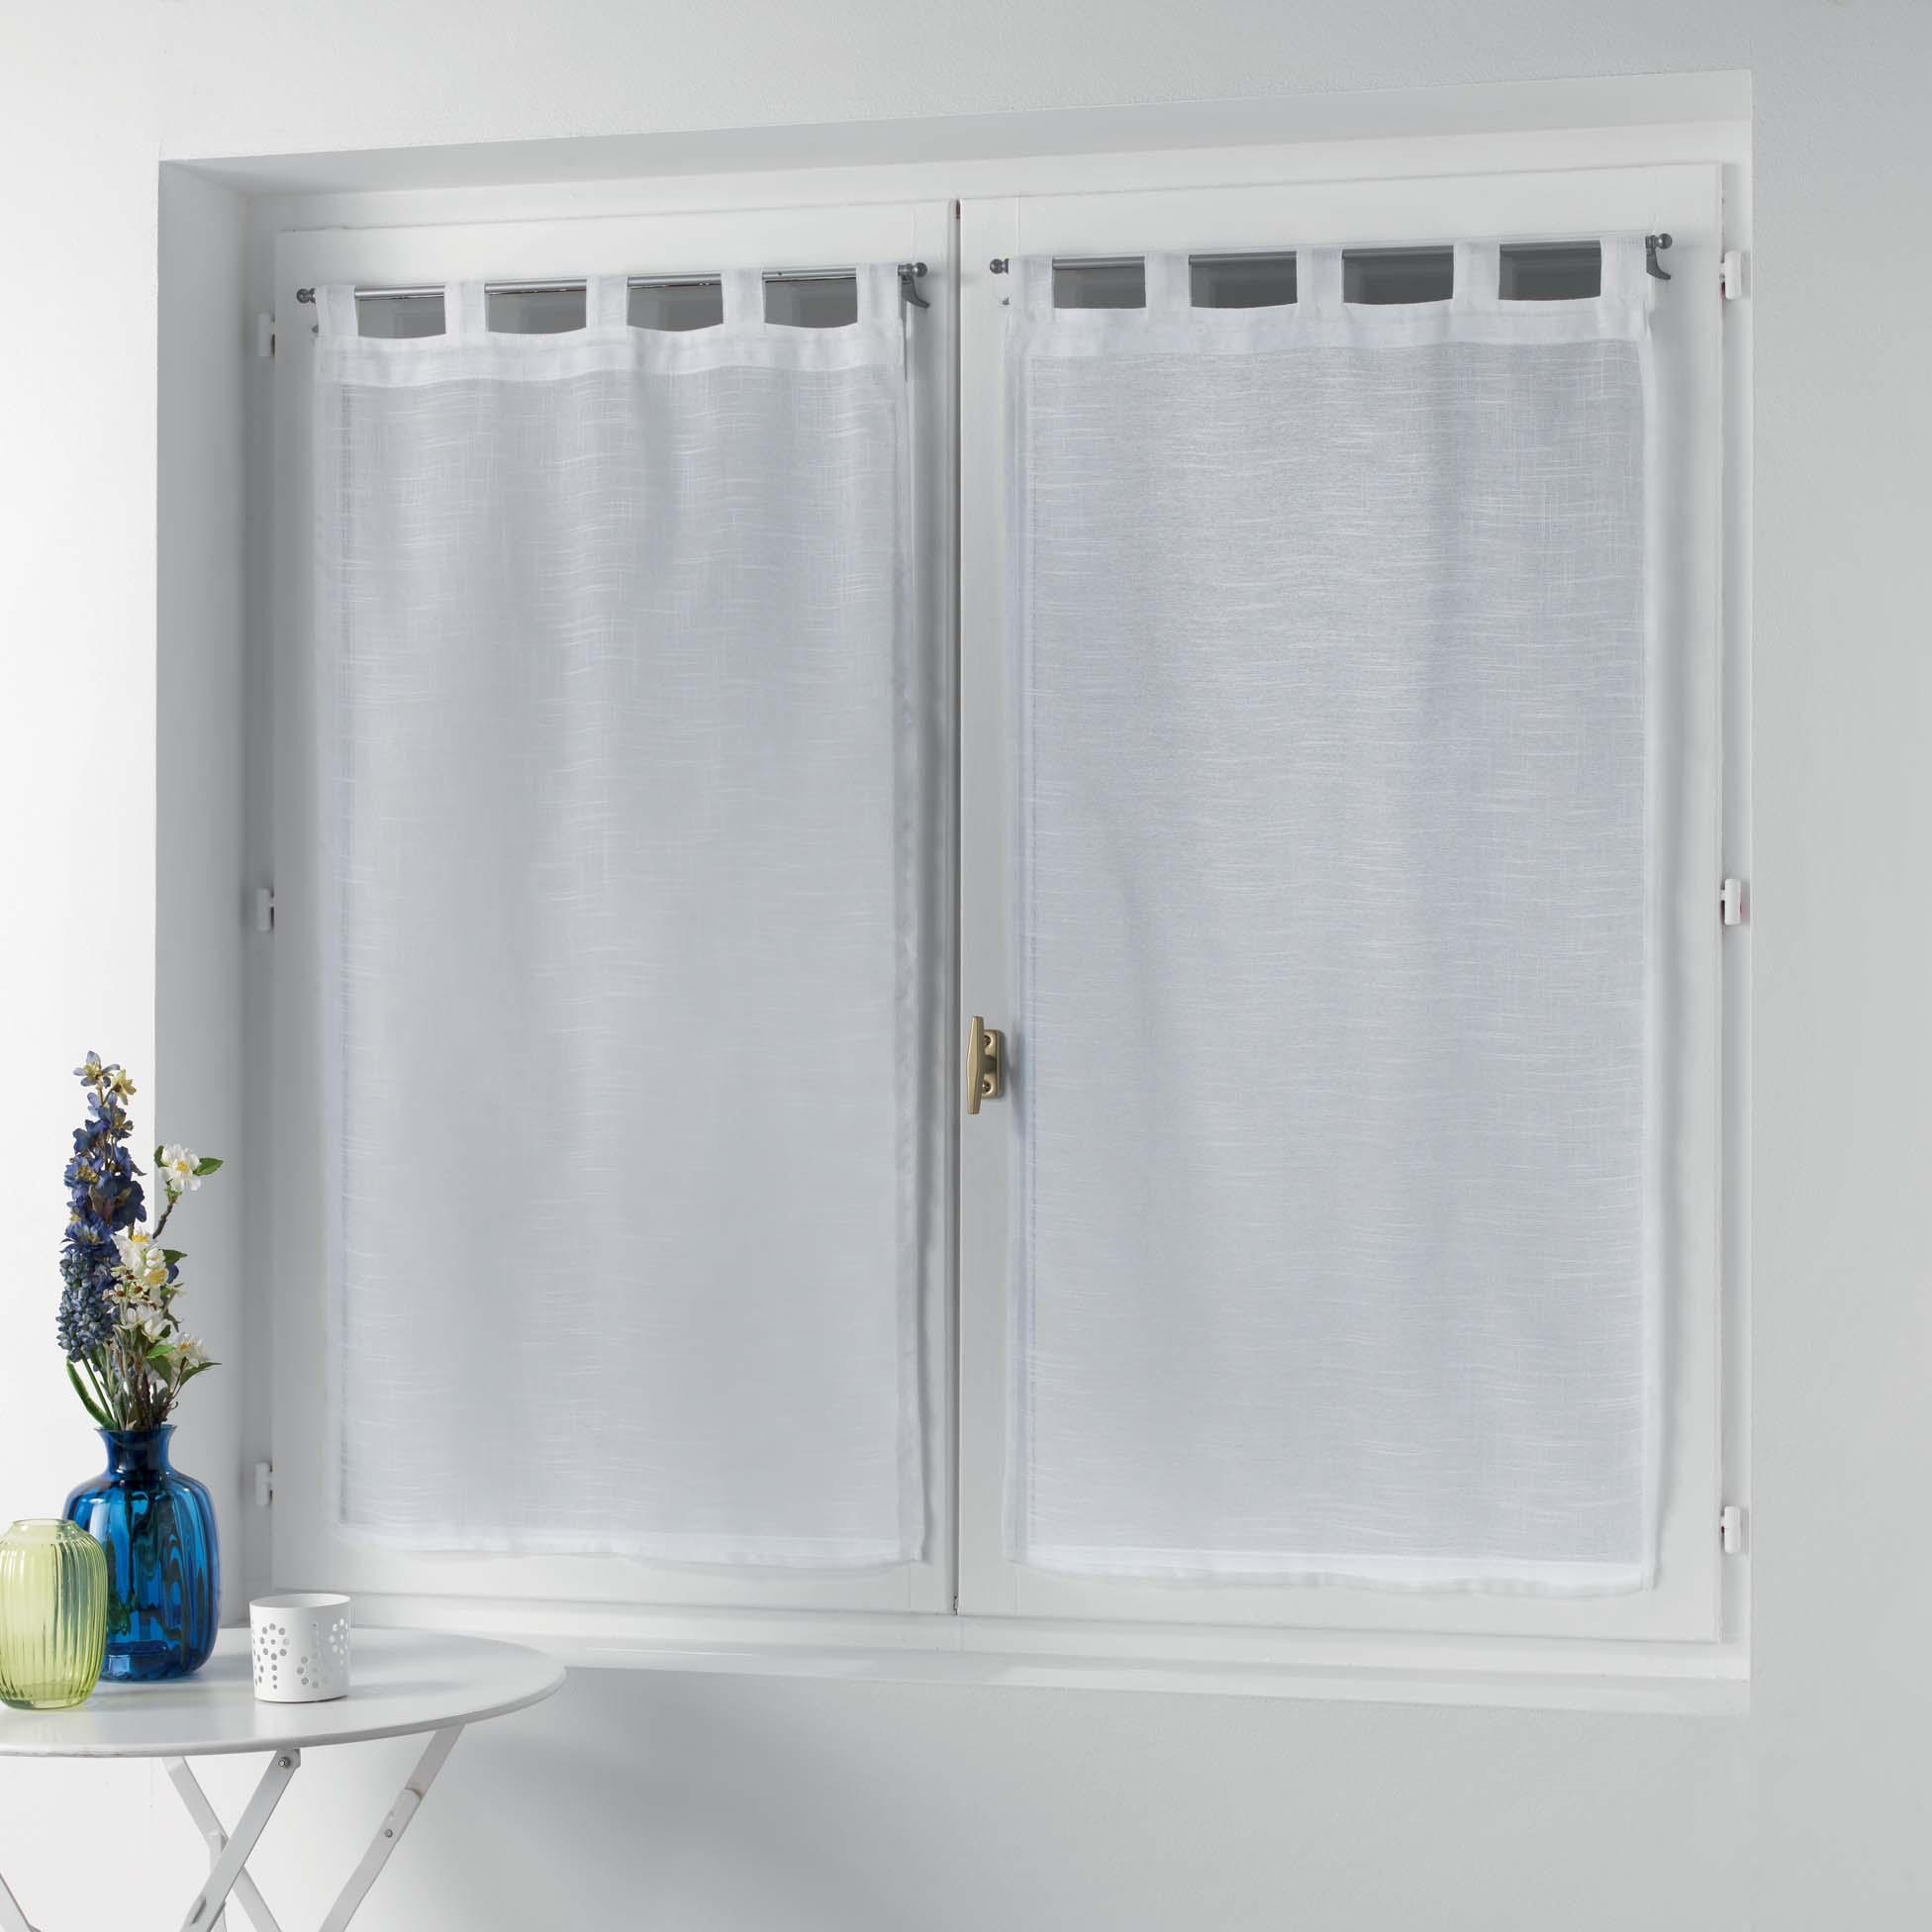 Petits vitrages droits à passants unis polyester blanc 120x60